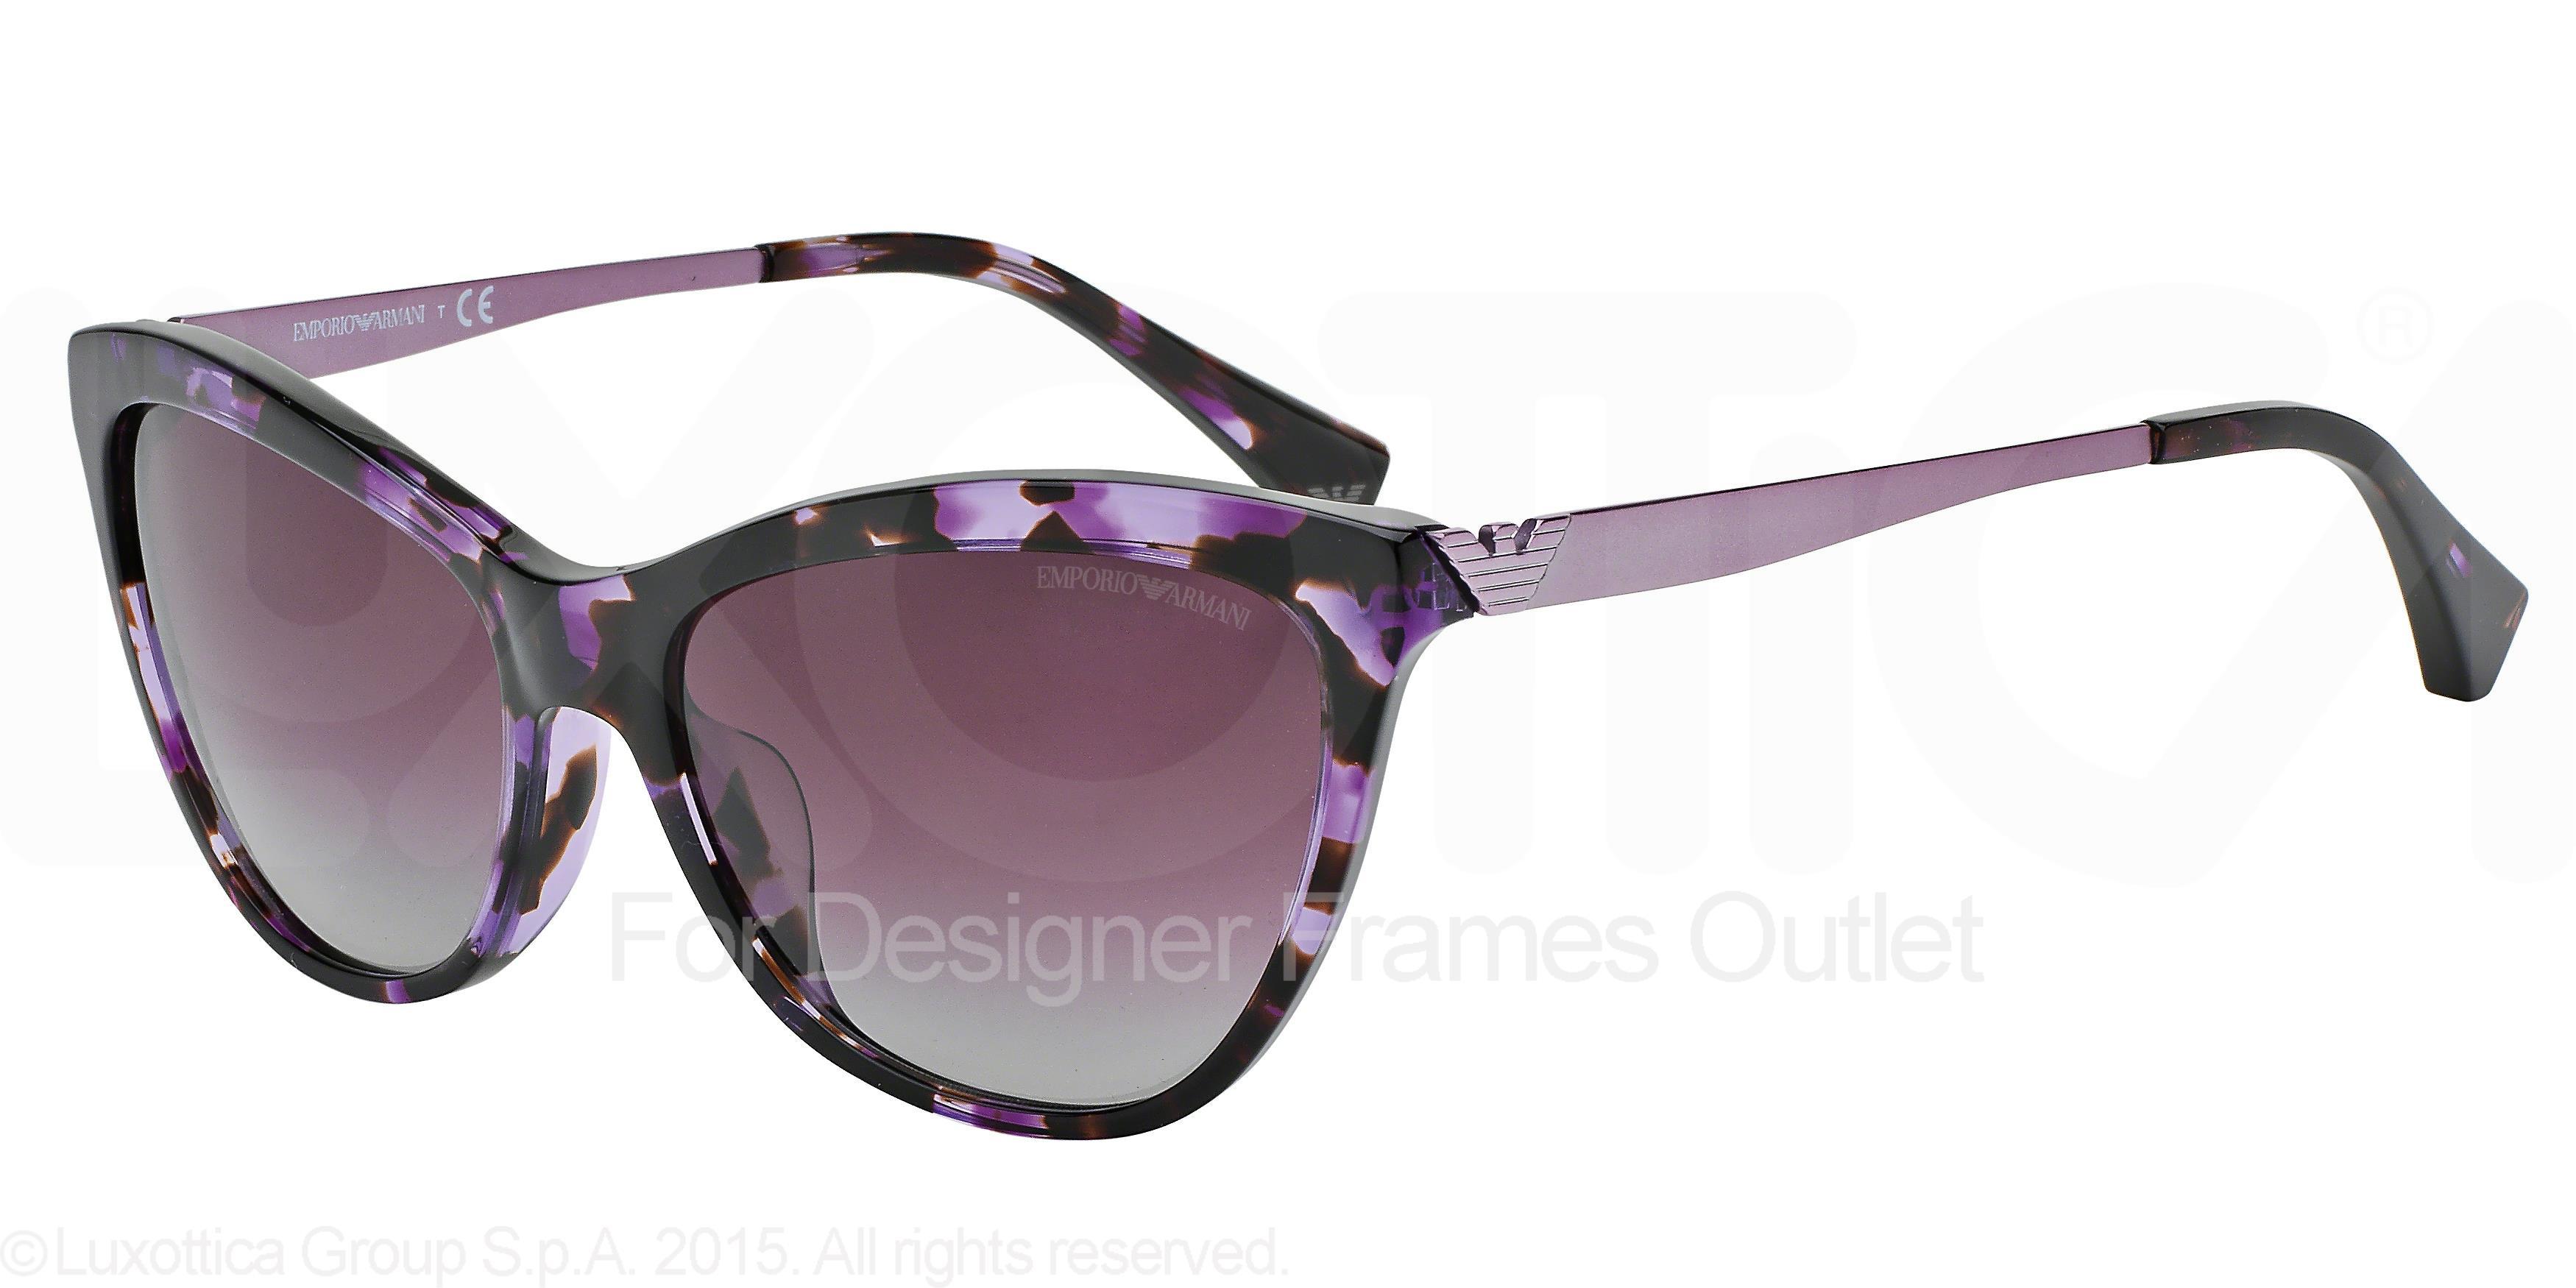 975aa21a49 Designer Frames Outlet. Emporio Armani EA4030